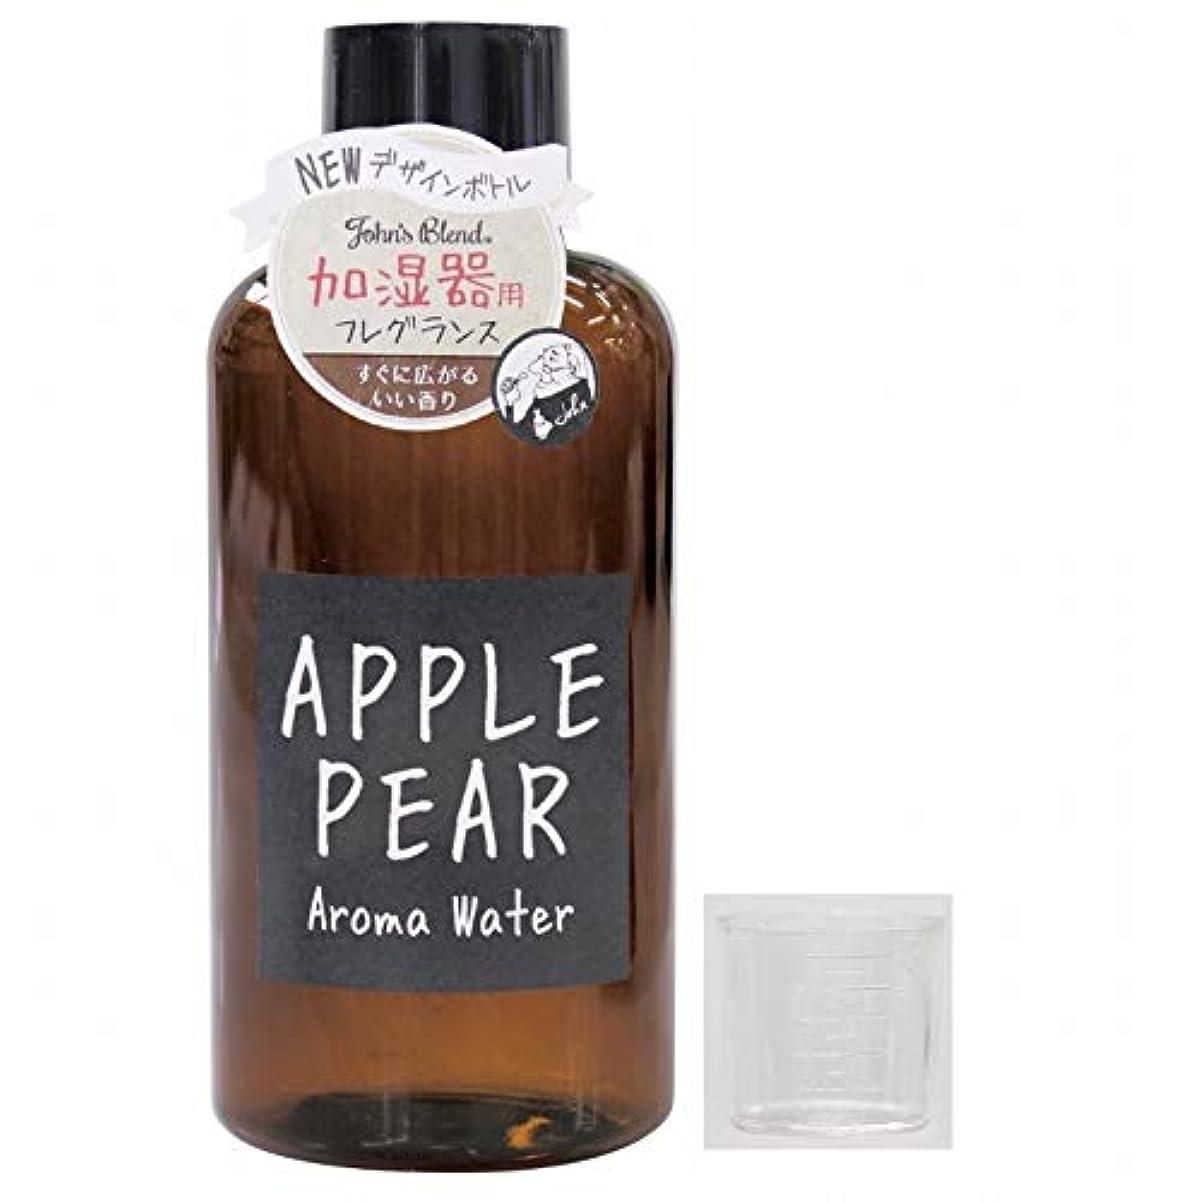 たらい無声で店員【計量カップ付き】 JohnsBlend(ジョンズブレンド) アロマウォーター 加湿器用 520ml アップルペアーの香り OA-JON-12-4 【計量カップのおまけつき】